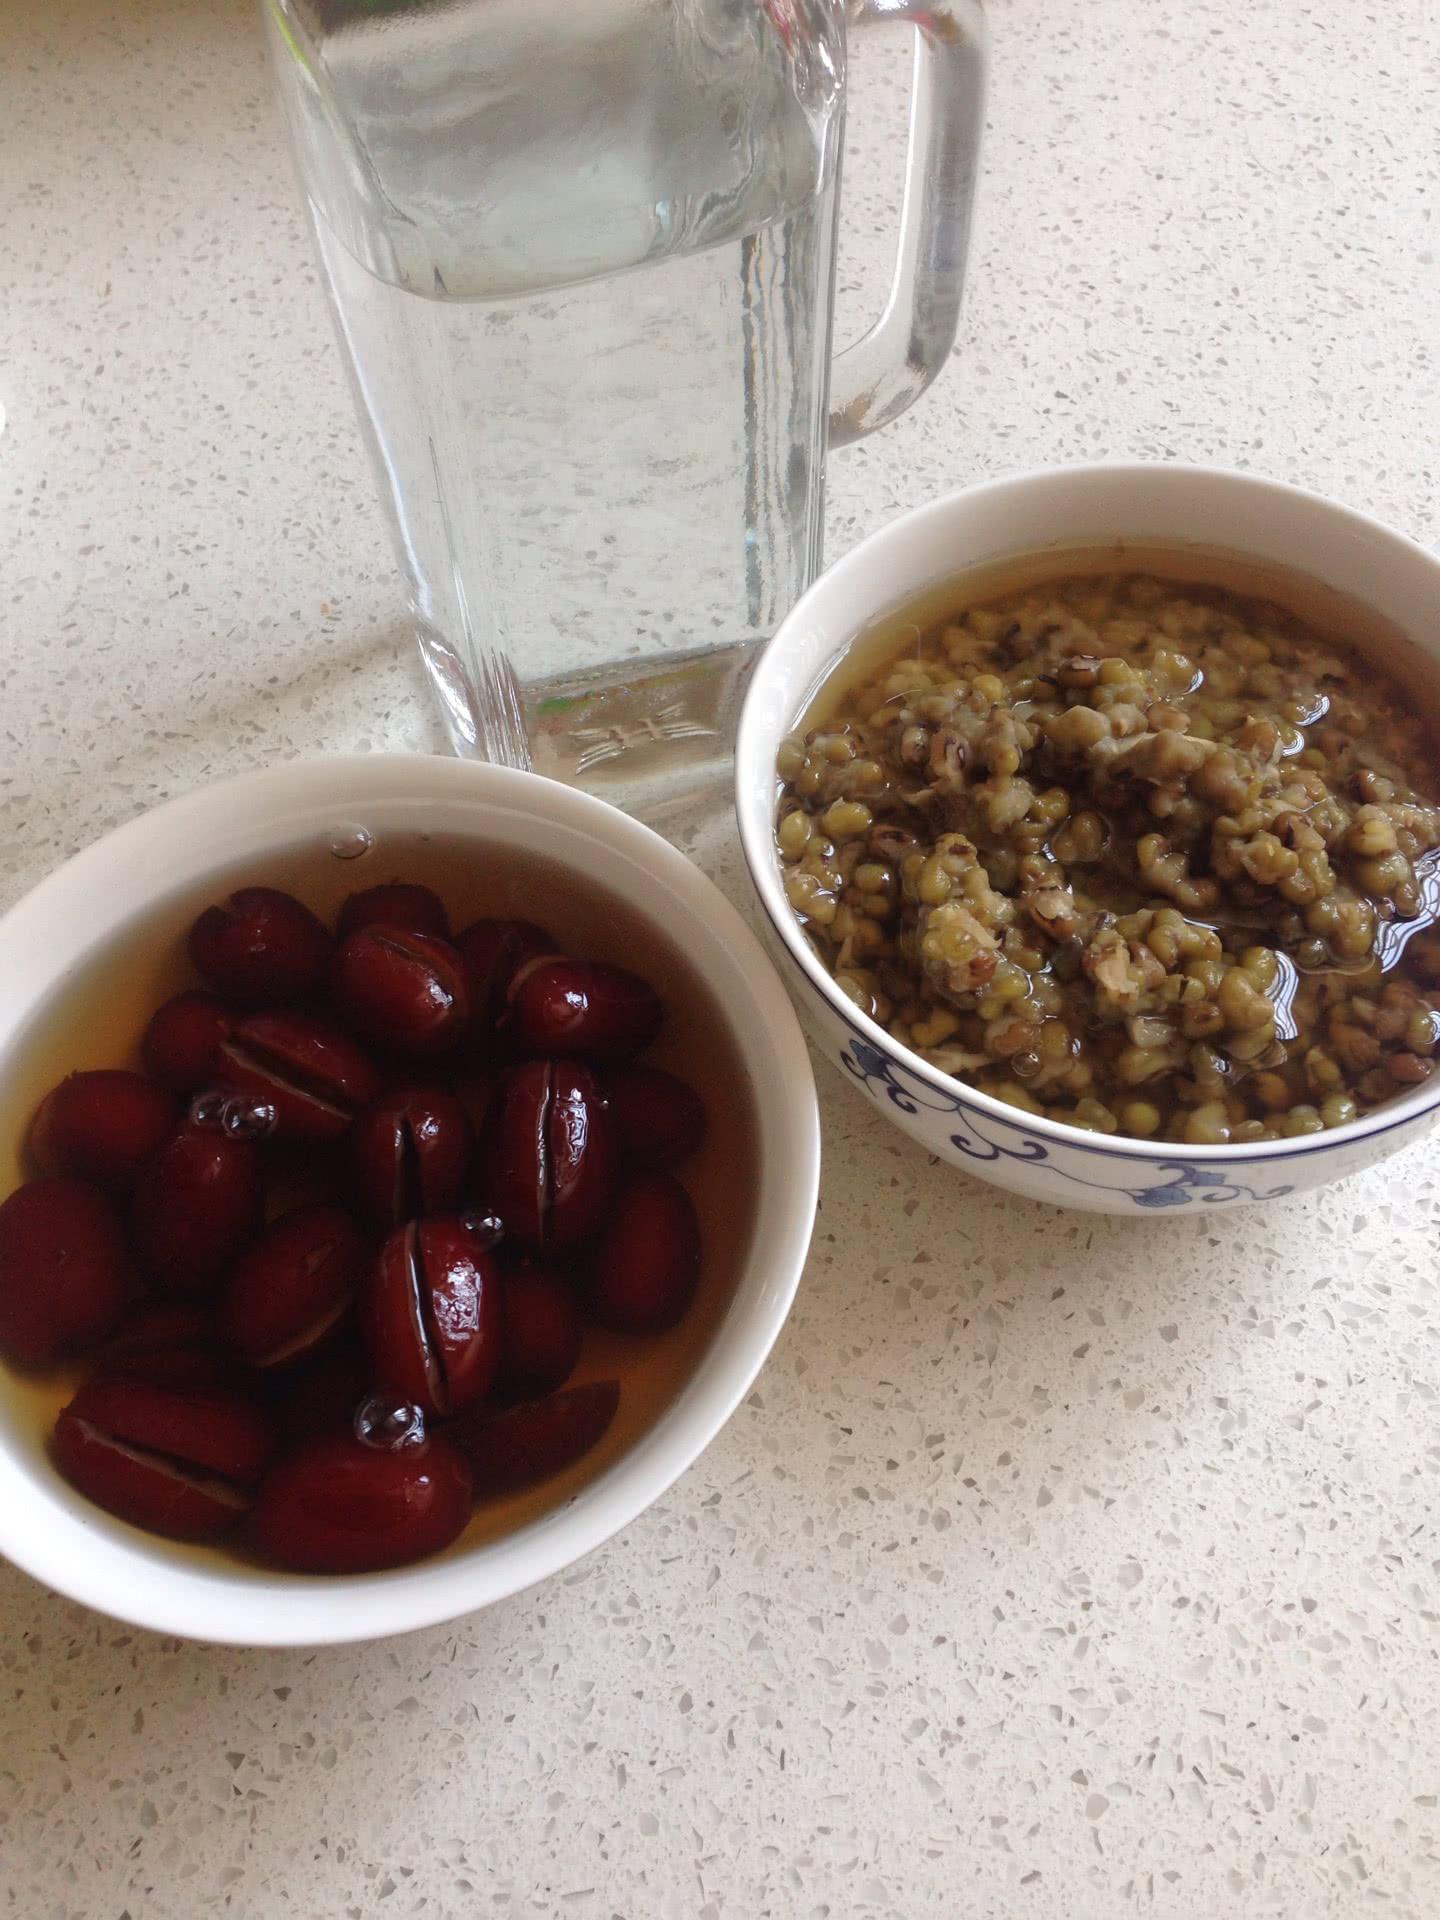 绿豆汤的做法步骤